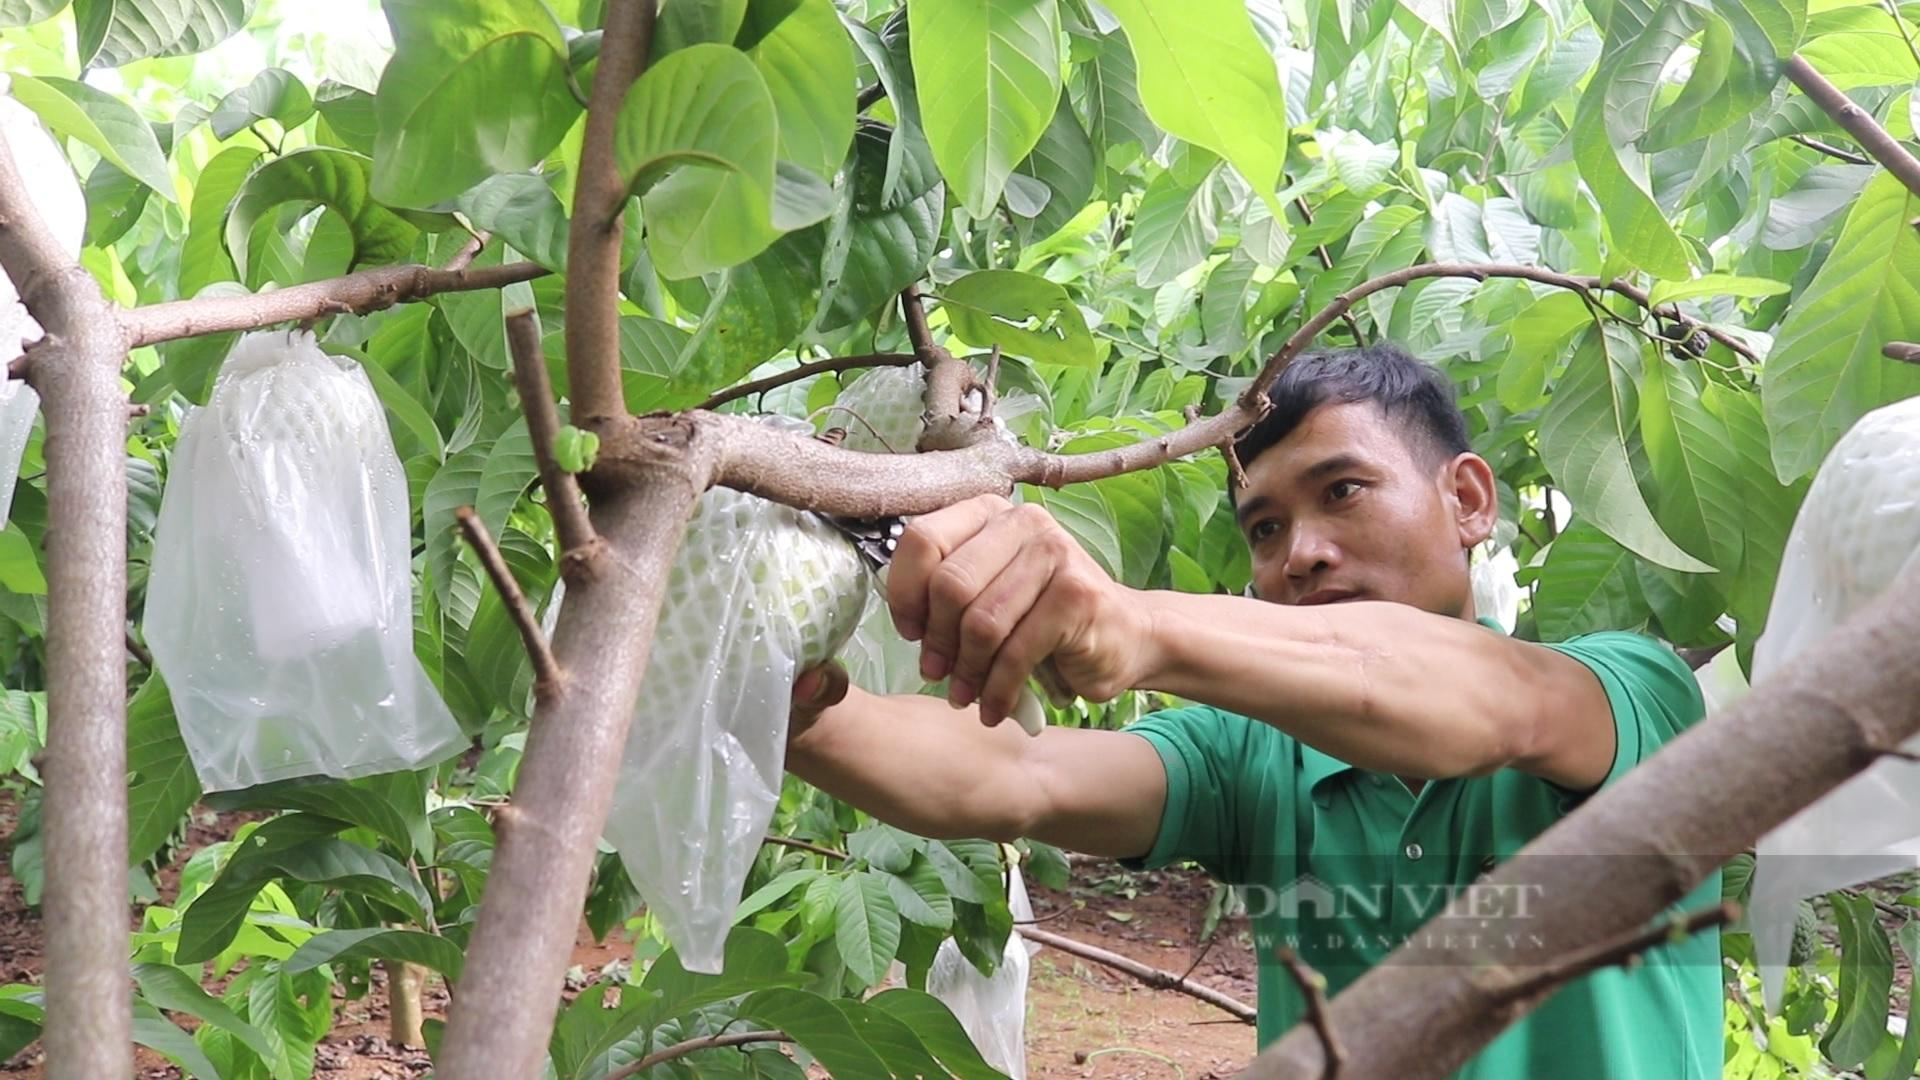 Sơn La: Nông dân người Thái thu tiền tỷ từ loại cây ra trái khổng lồ - Ảnh 3.